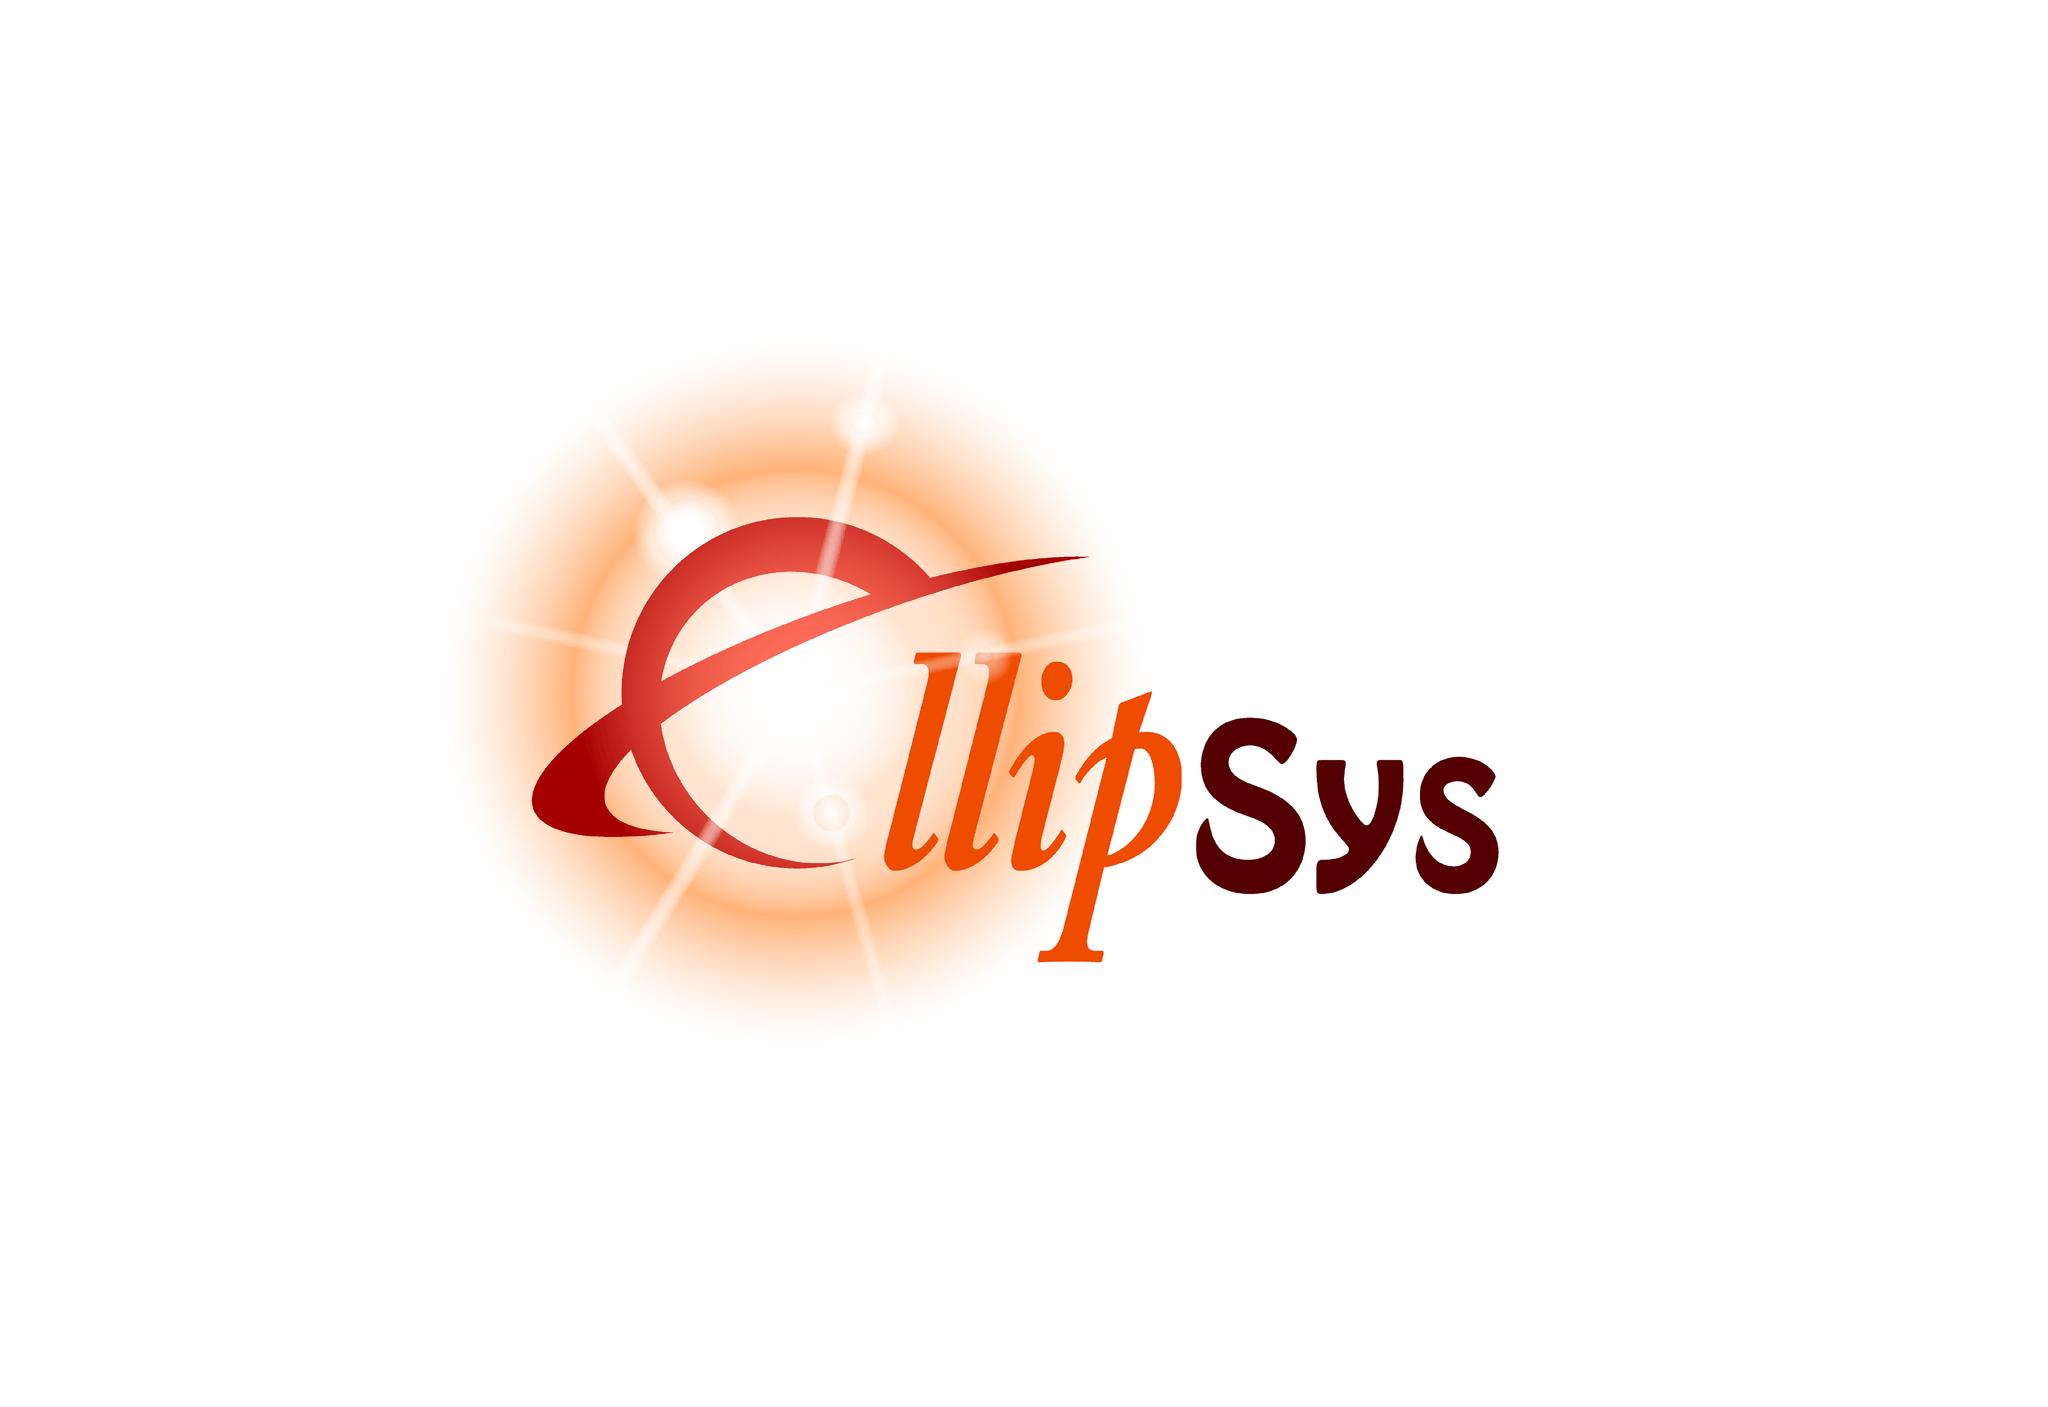 Ellipsys